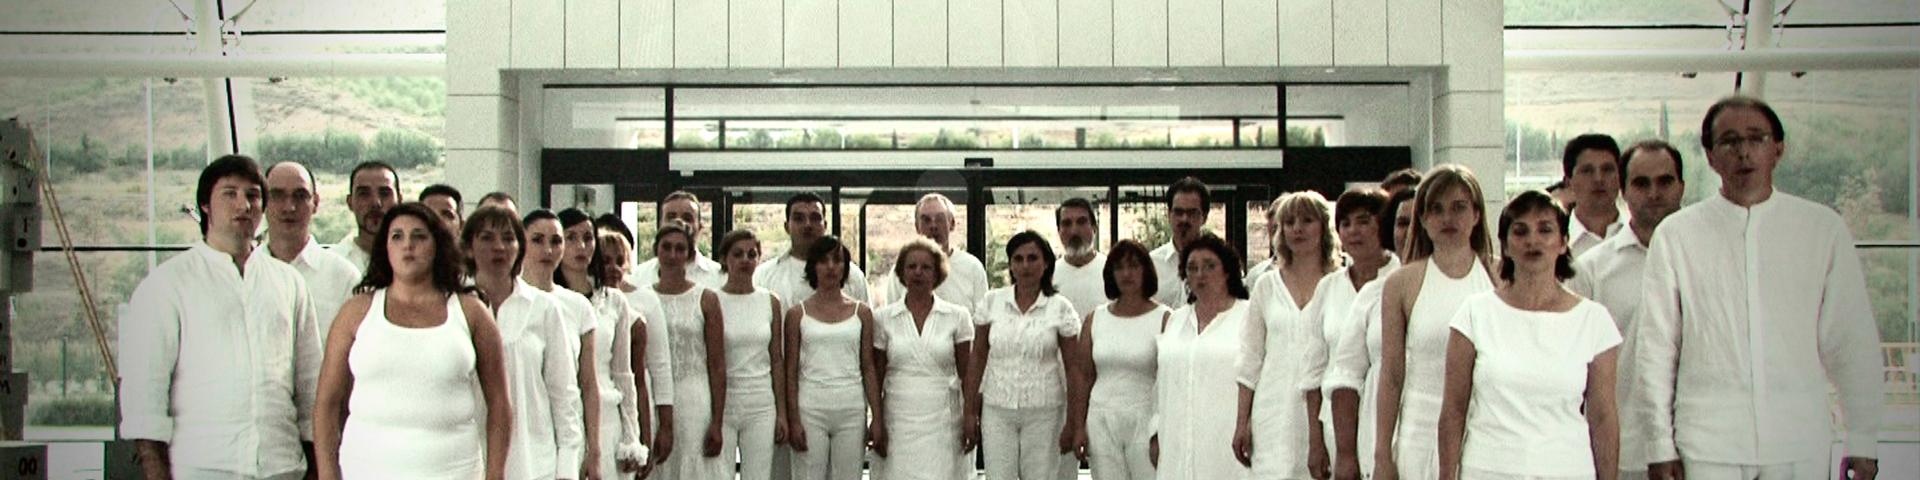 Bona Cantica – Lux Aurumque